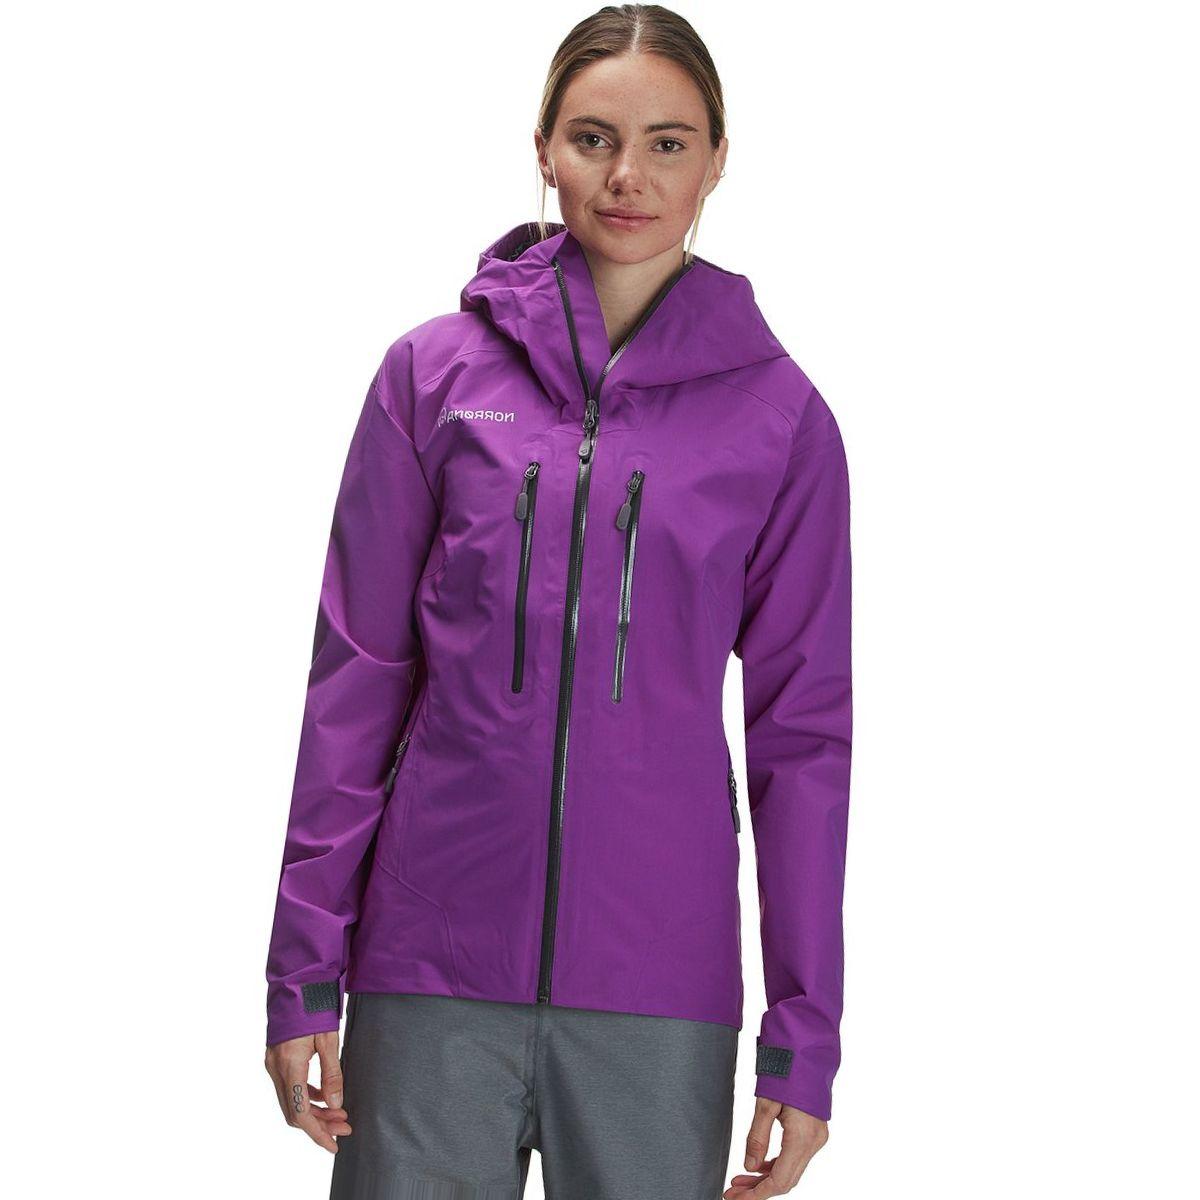 Norrona Trollveggen Gore-Tex Light Pro Jacket - Women's